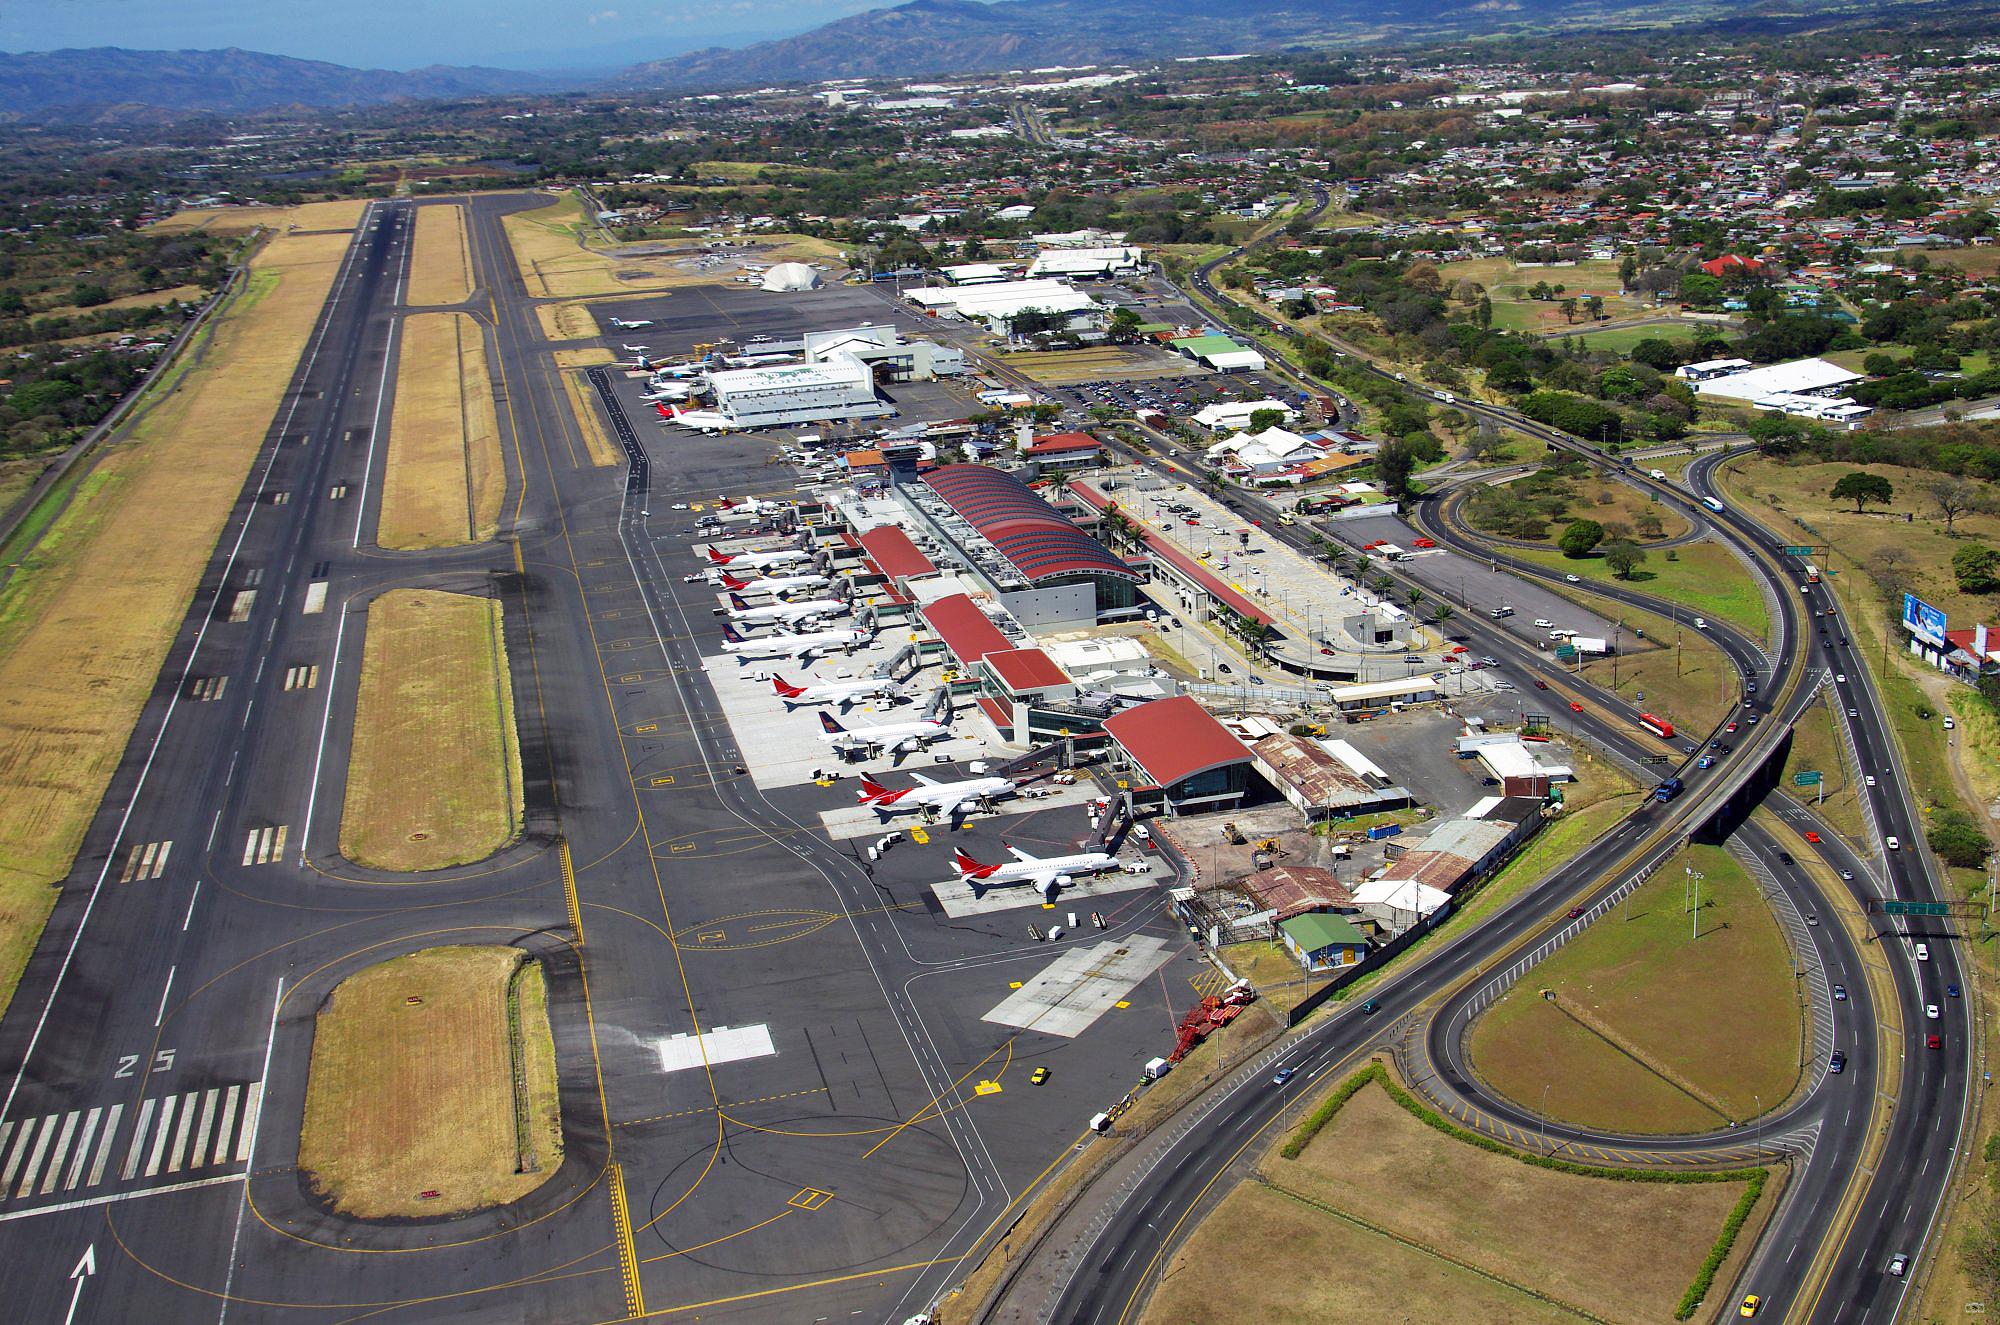 Arial view of Juan Santamaria International Airport